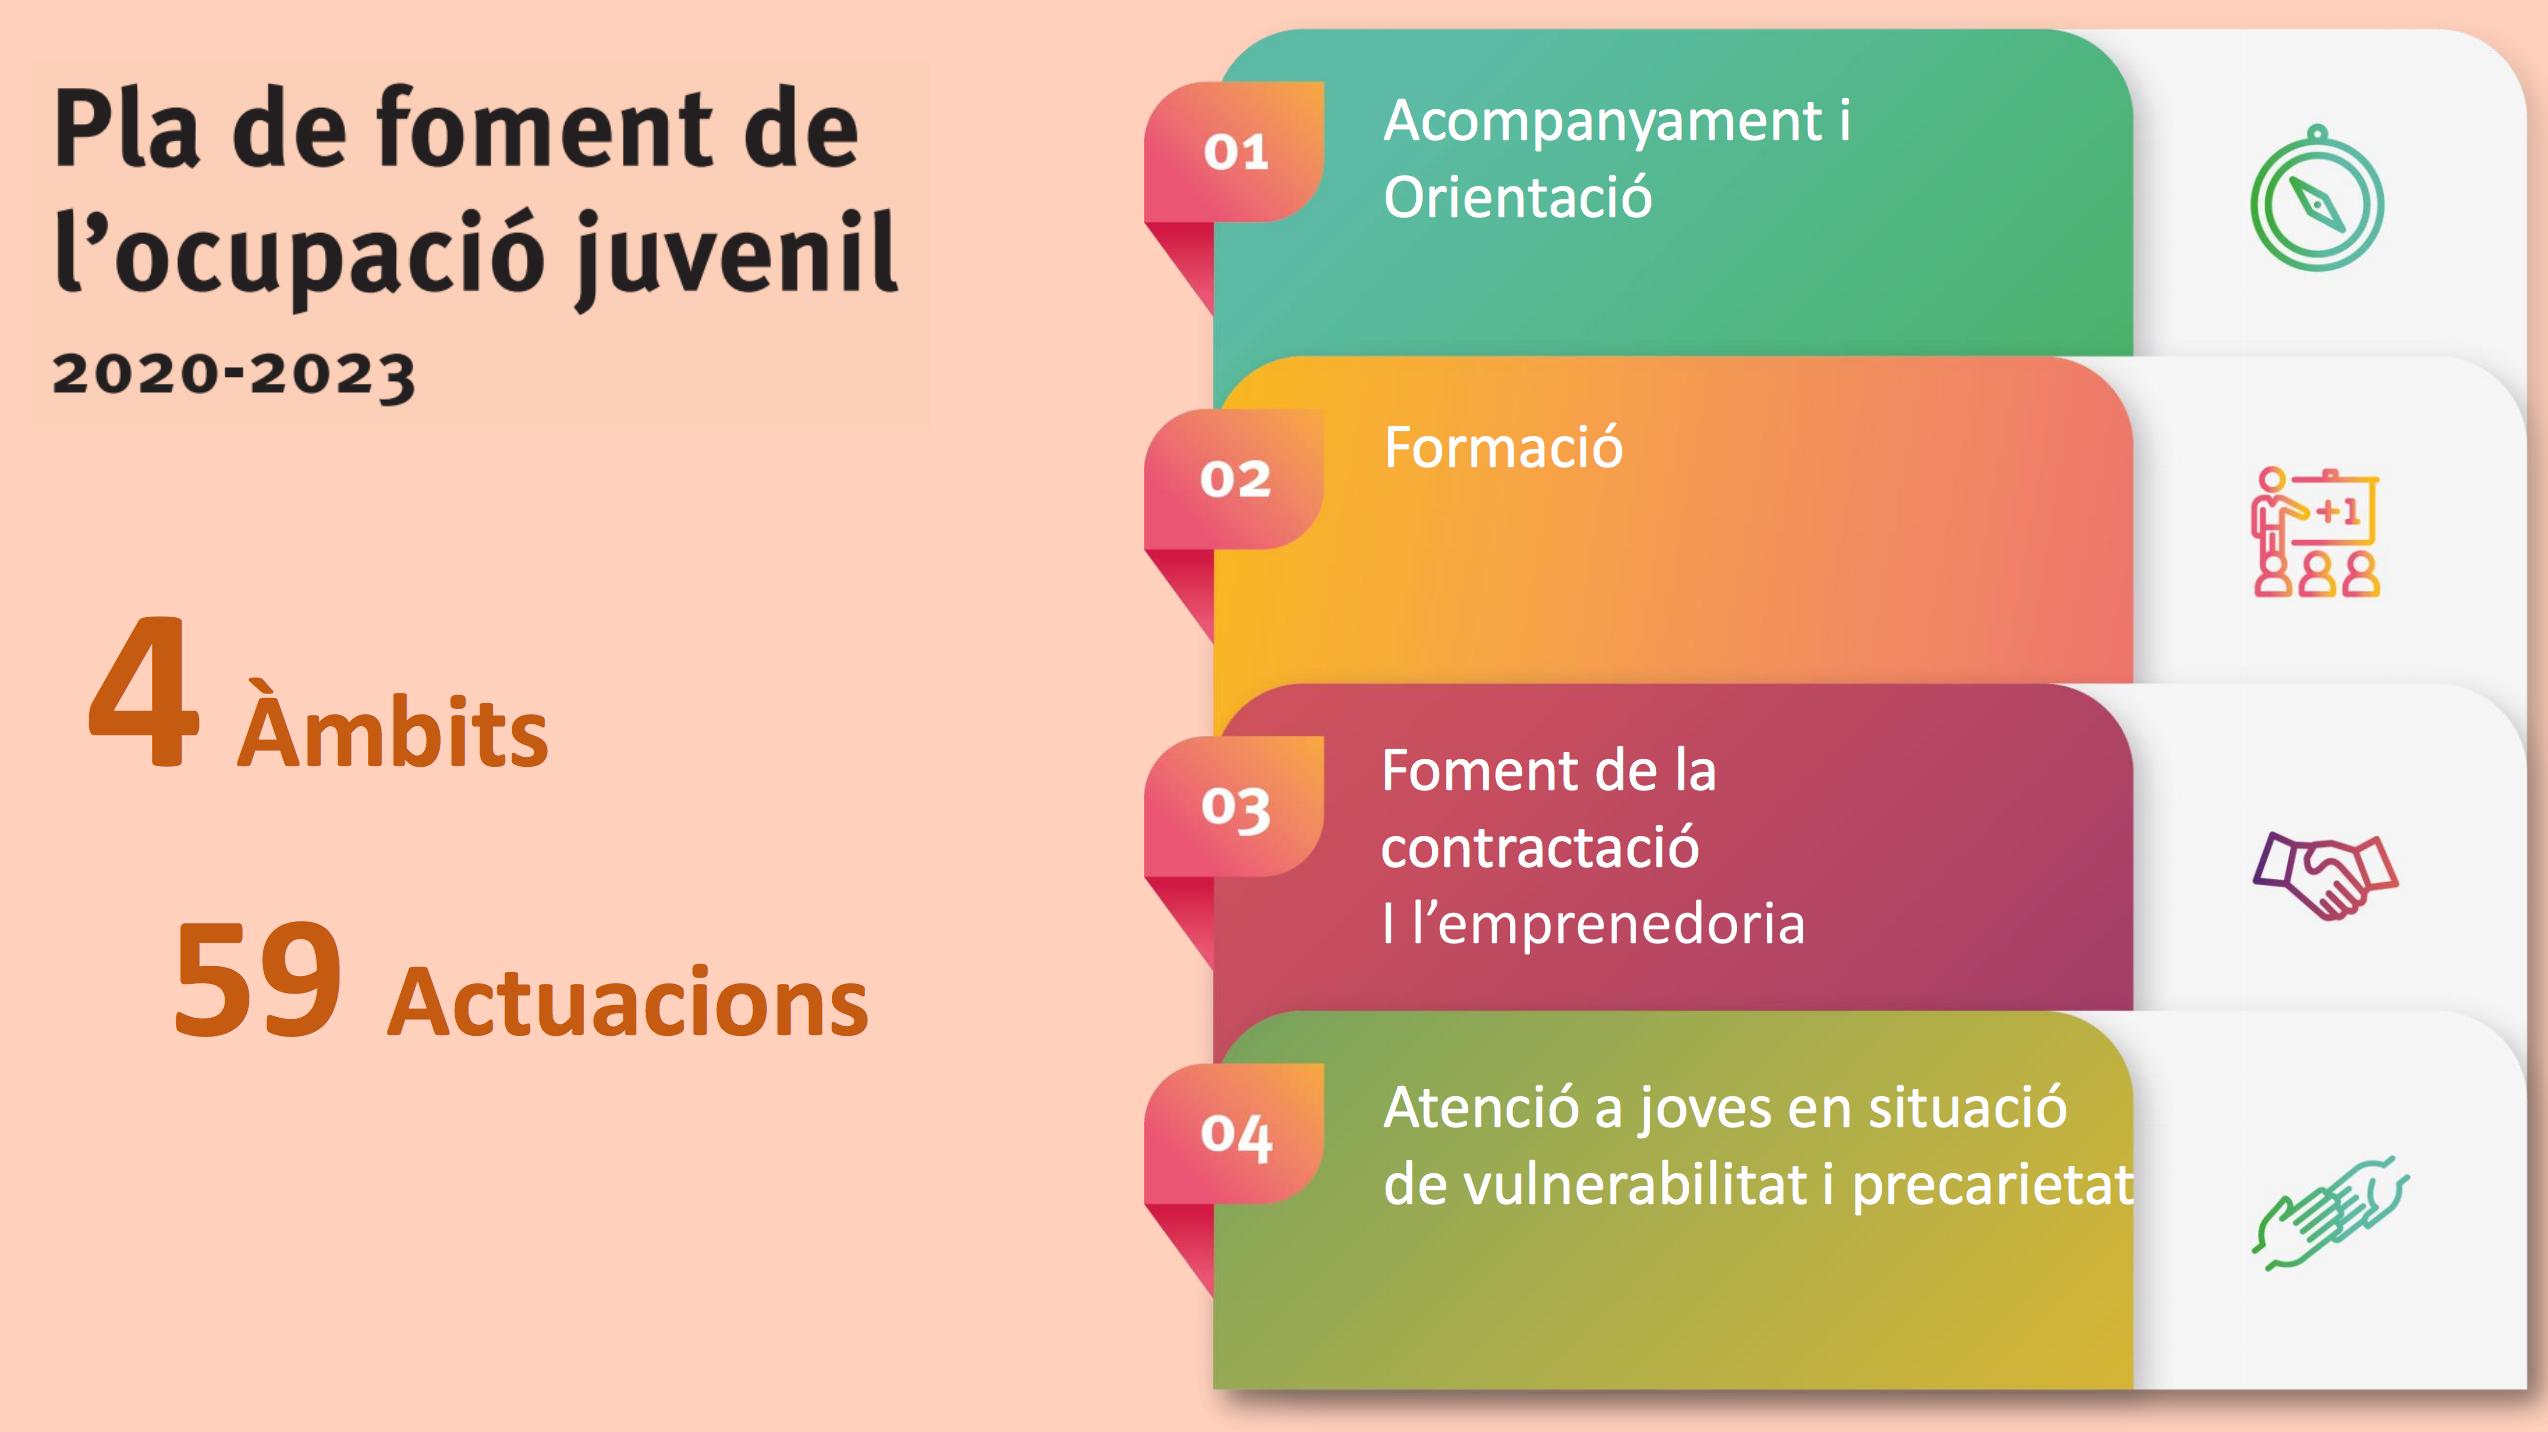 Plan de fomento del empleo juvenil 2020-2023 (Ámbitos)